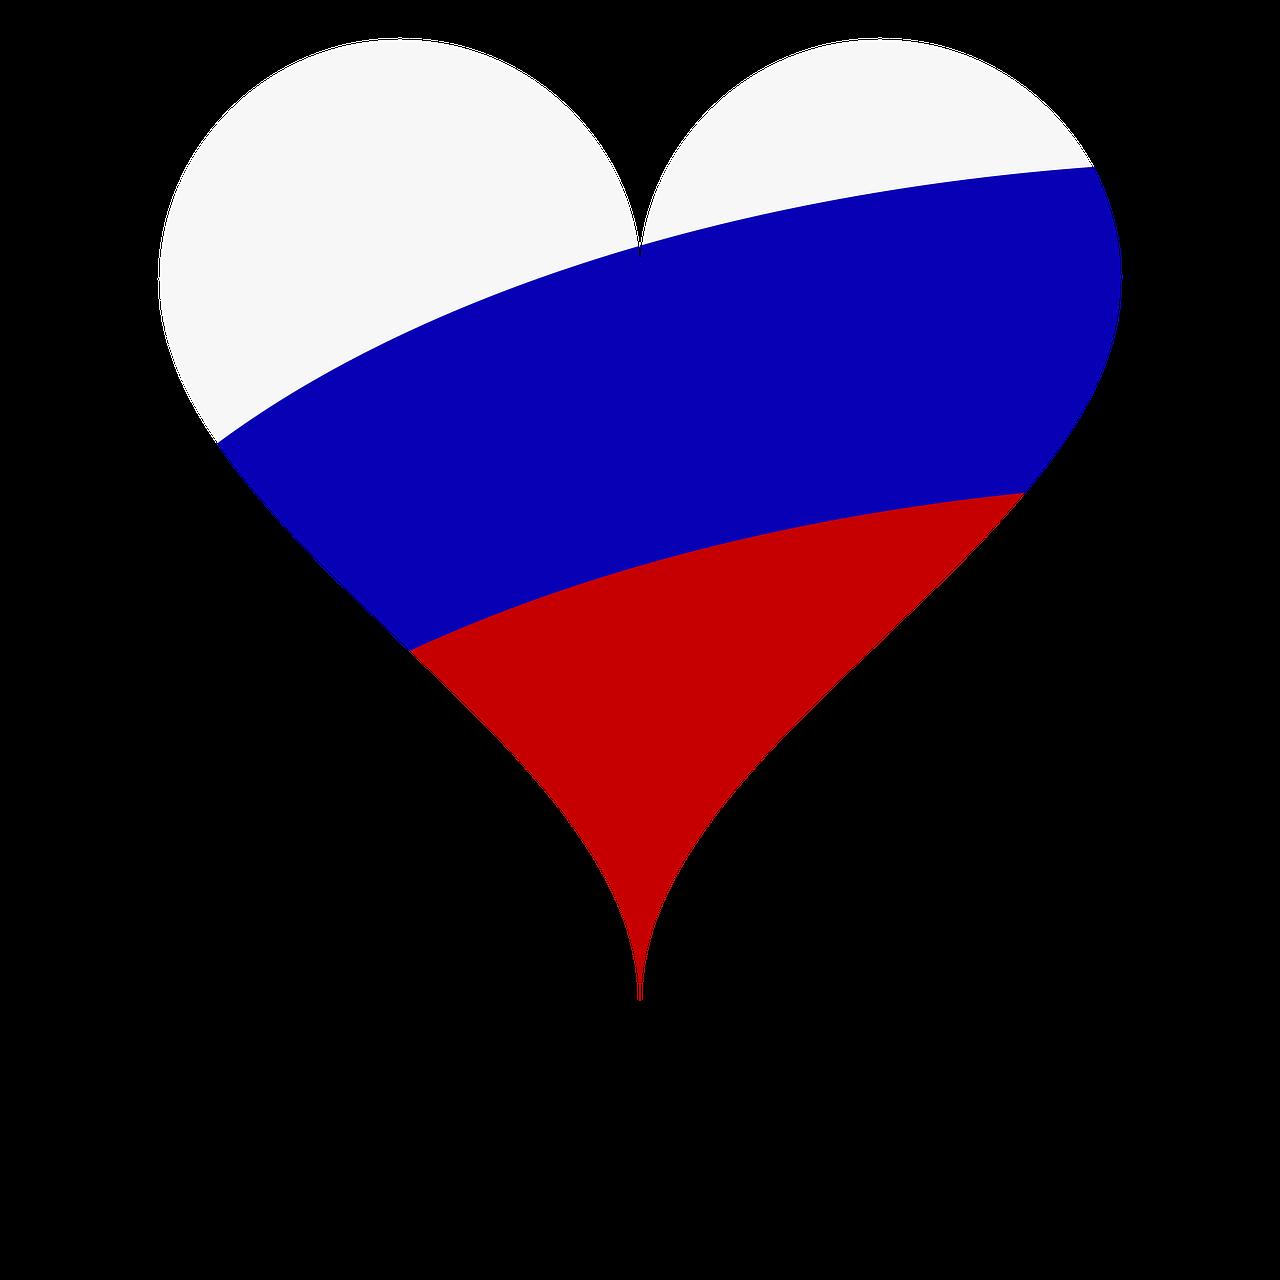 Сердечко картинки о россии